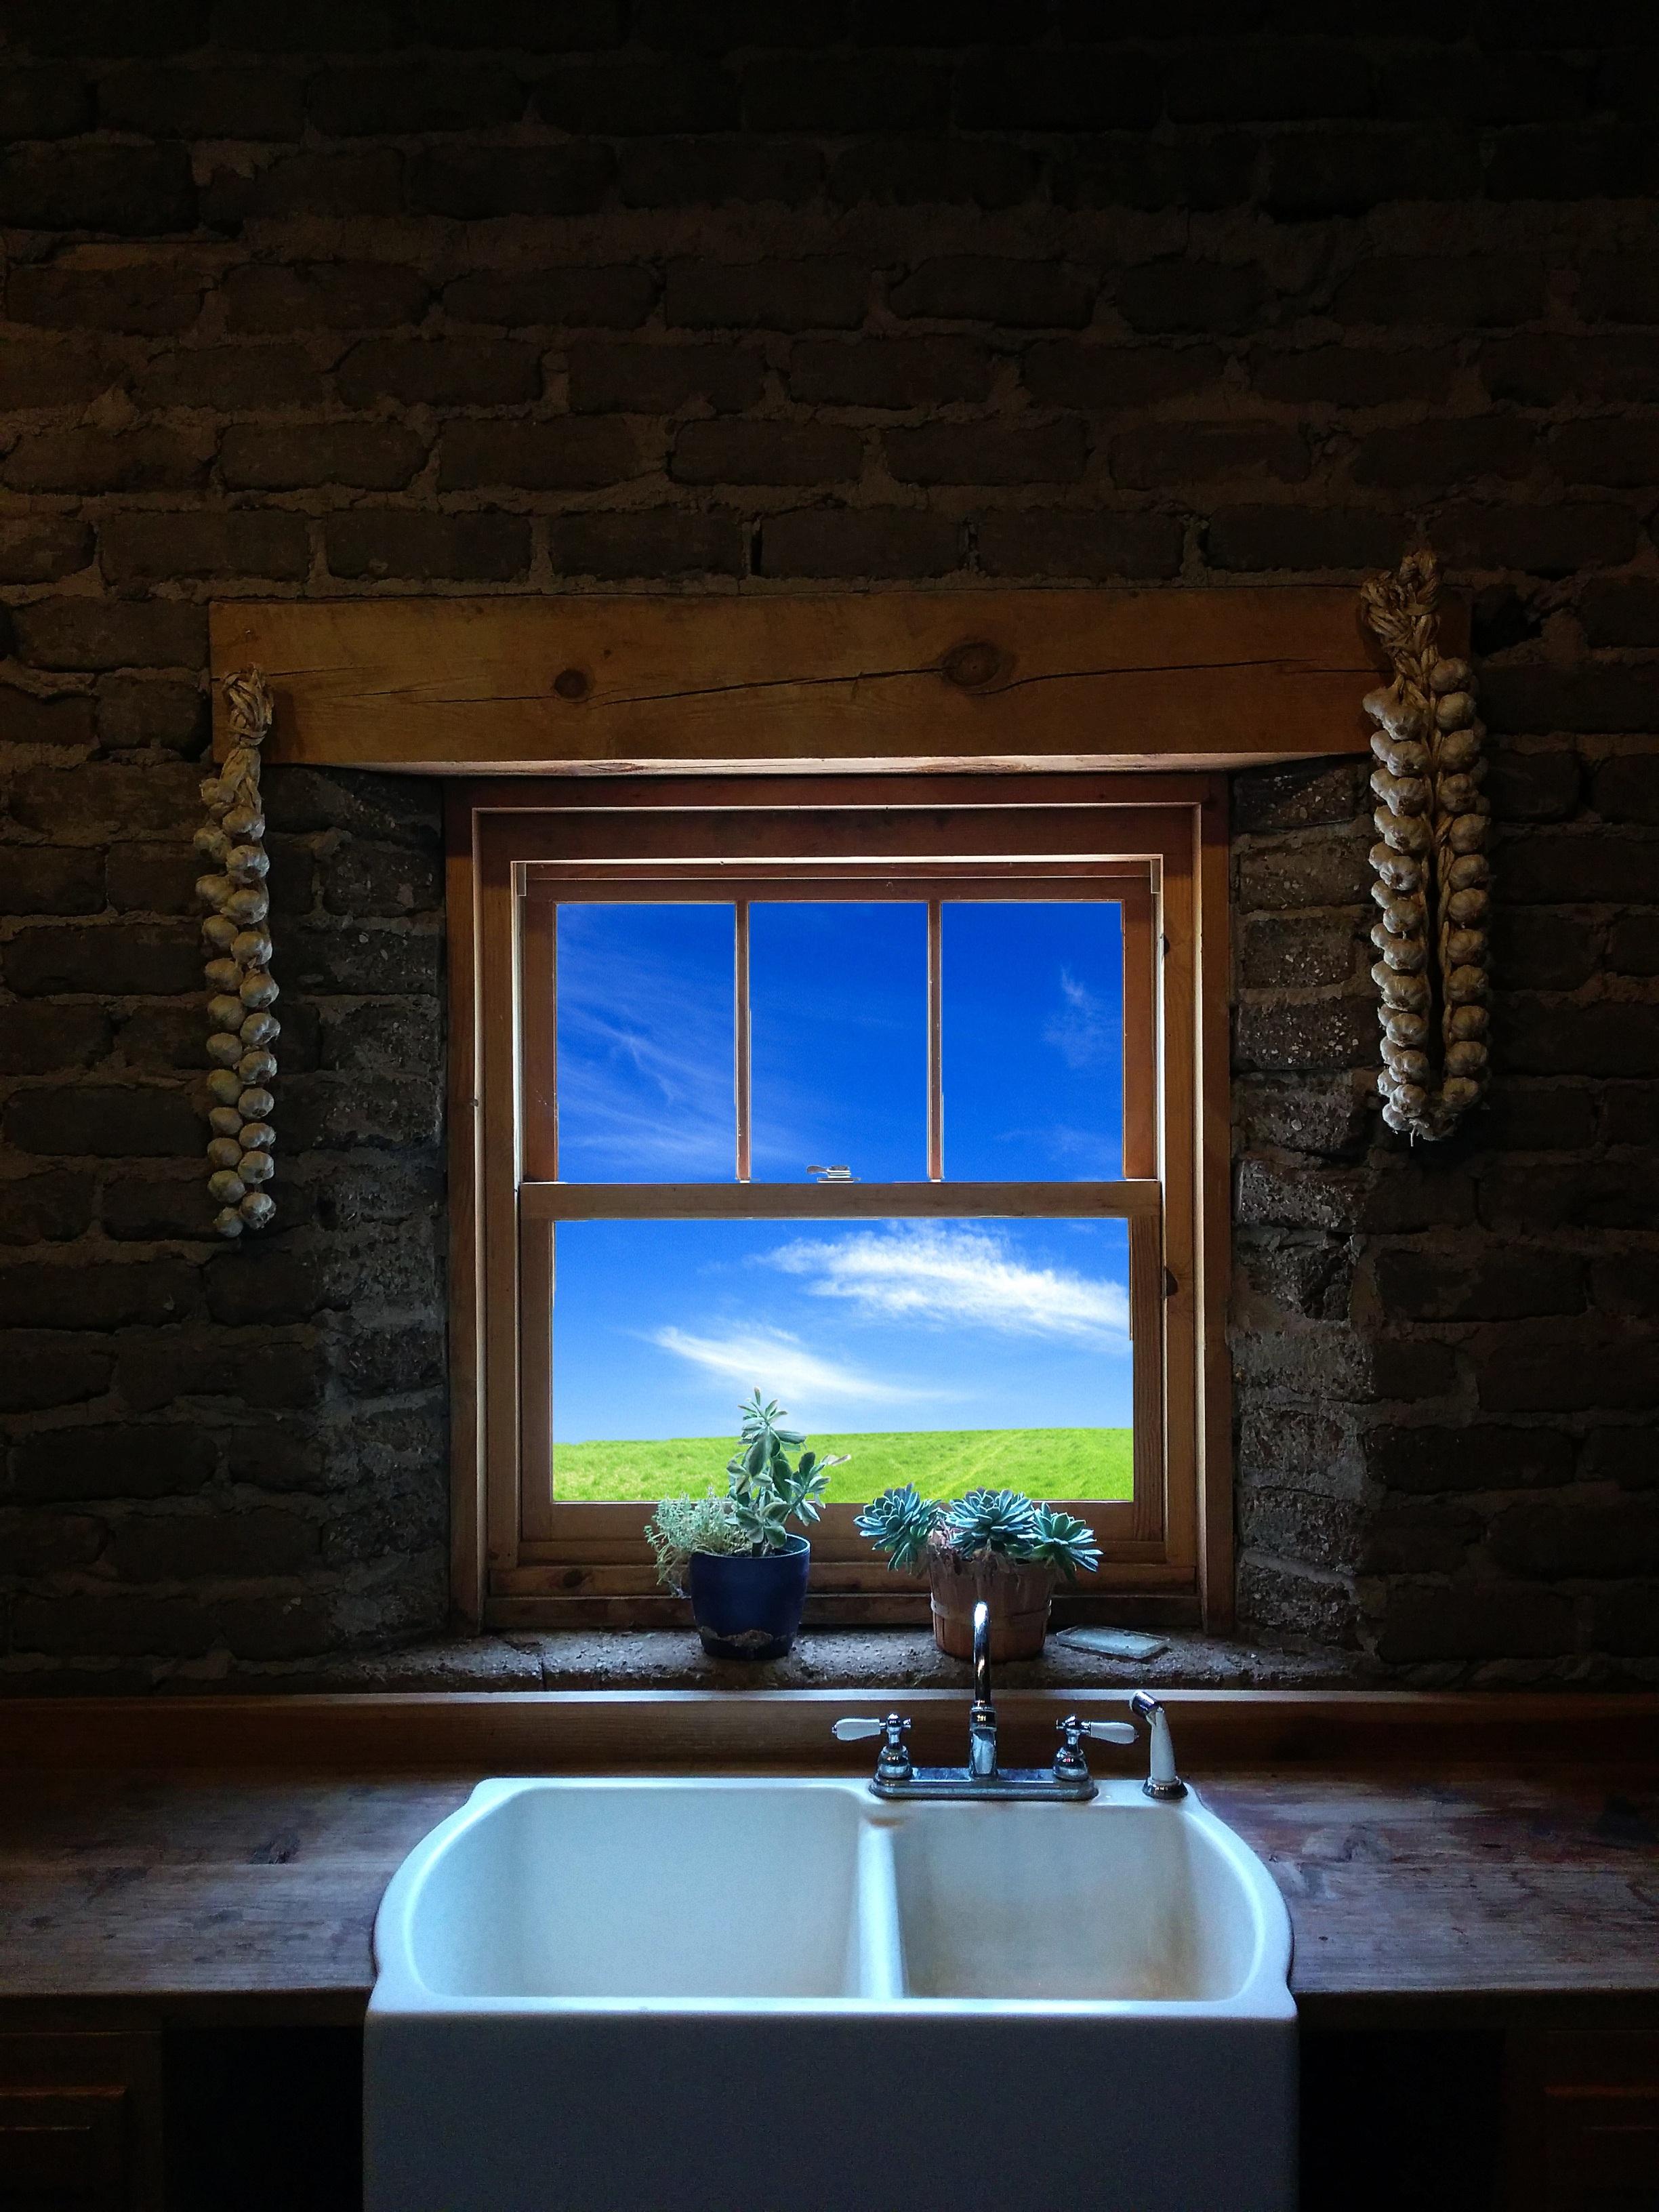 무료 이미지 : 햇빛, 아침, 창문, 벽, 찾고있는, 여름, 봄, 거실, 방 ...